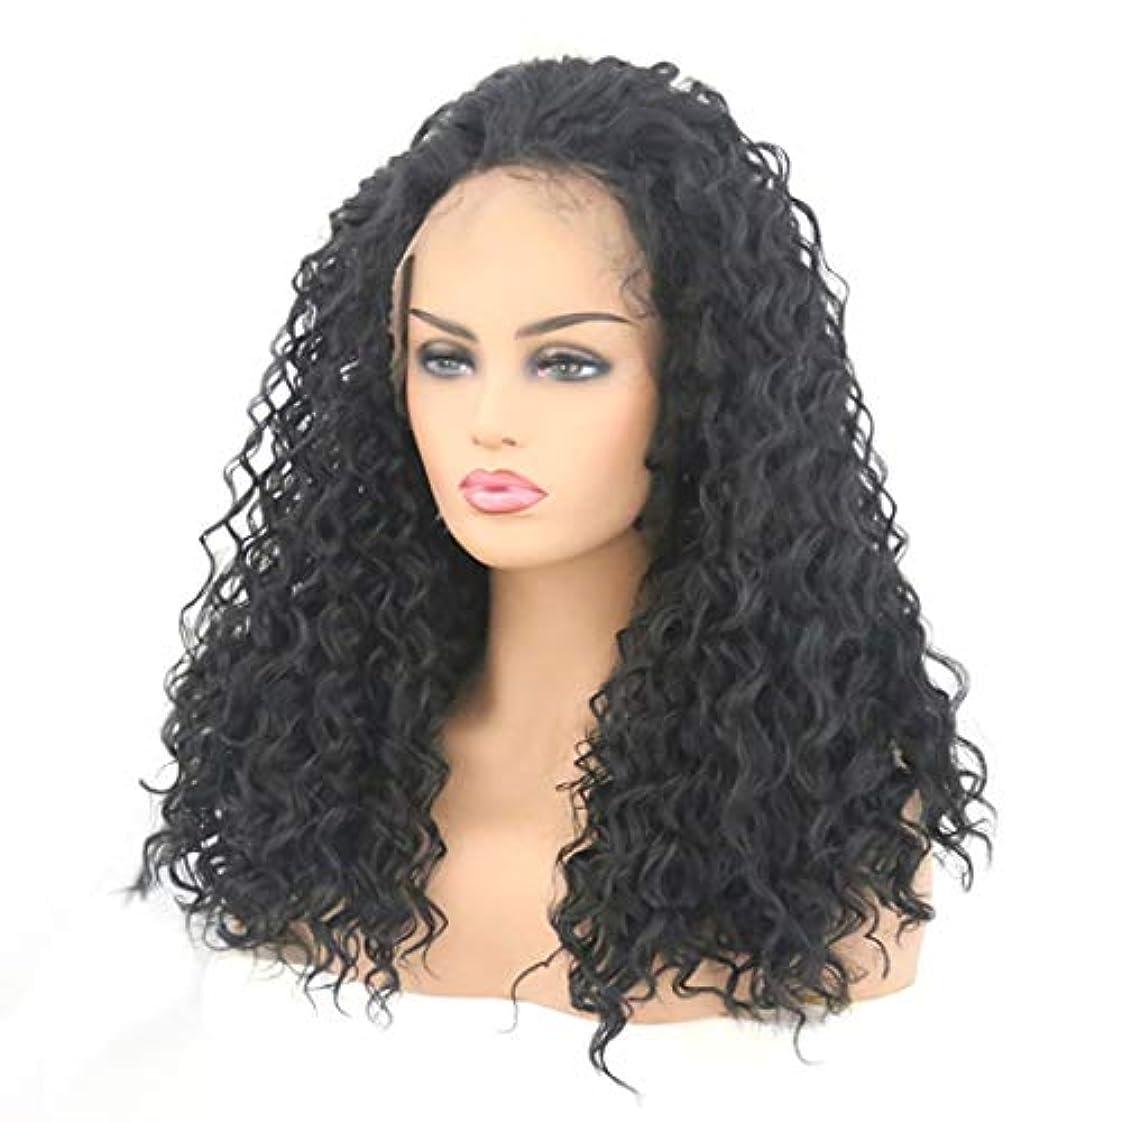 付属品区画連邦Kerwinner 女性のための黒の小さな巻き毛の長い巻き毛のフロントレース高温シルク